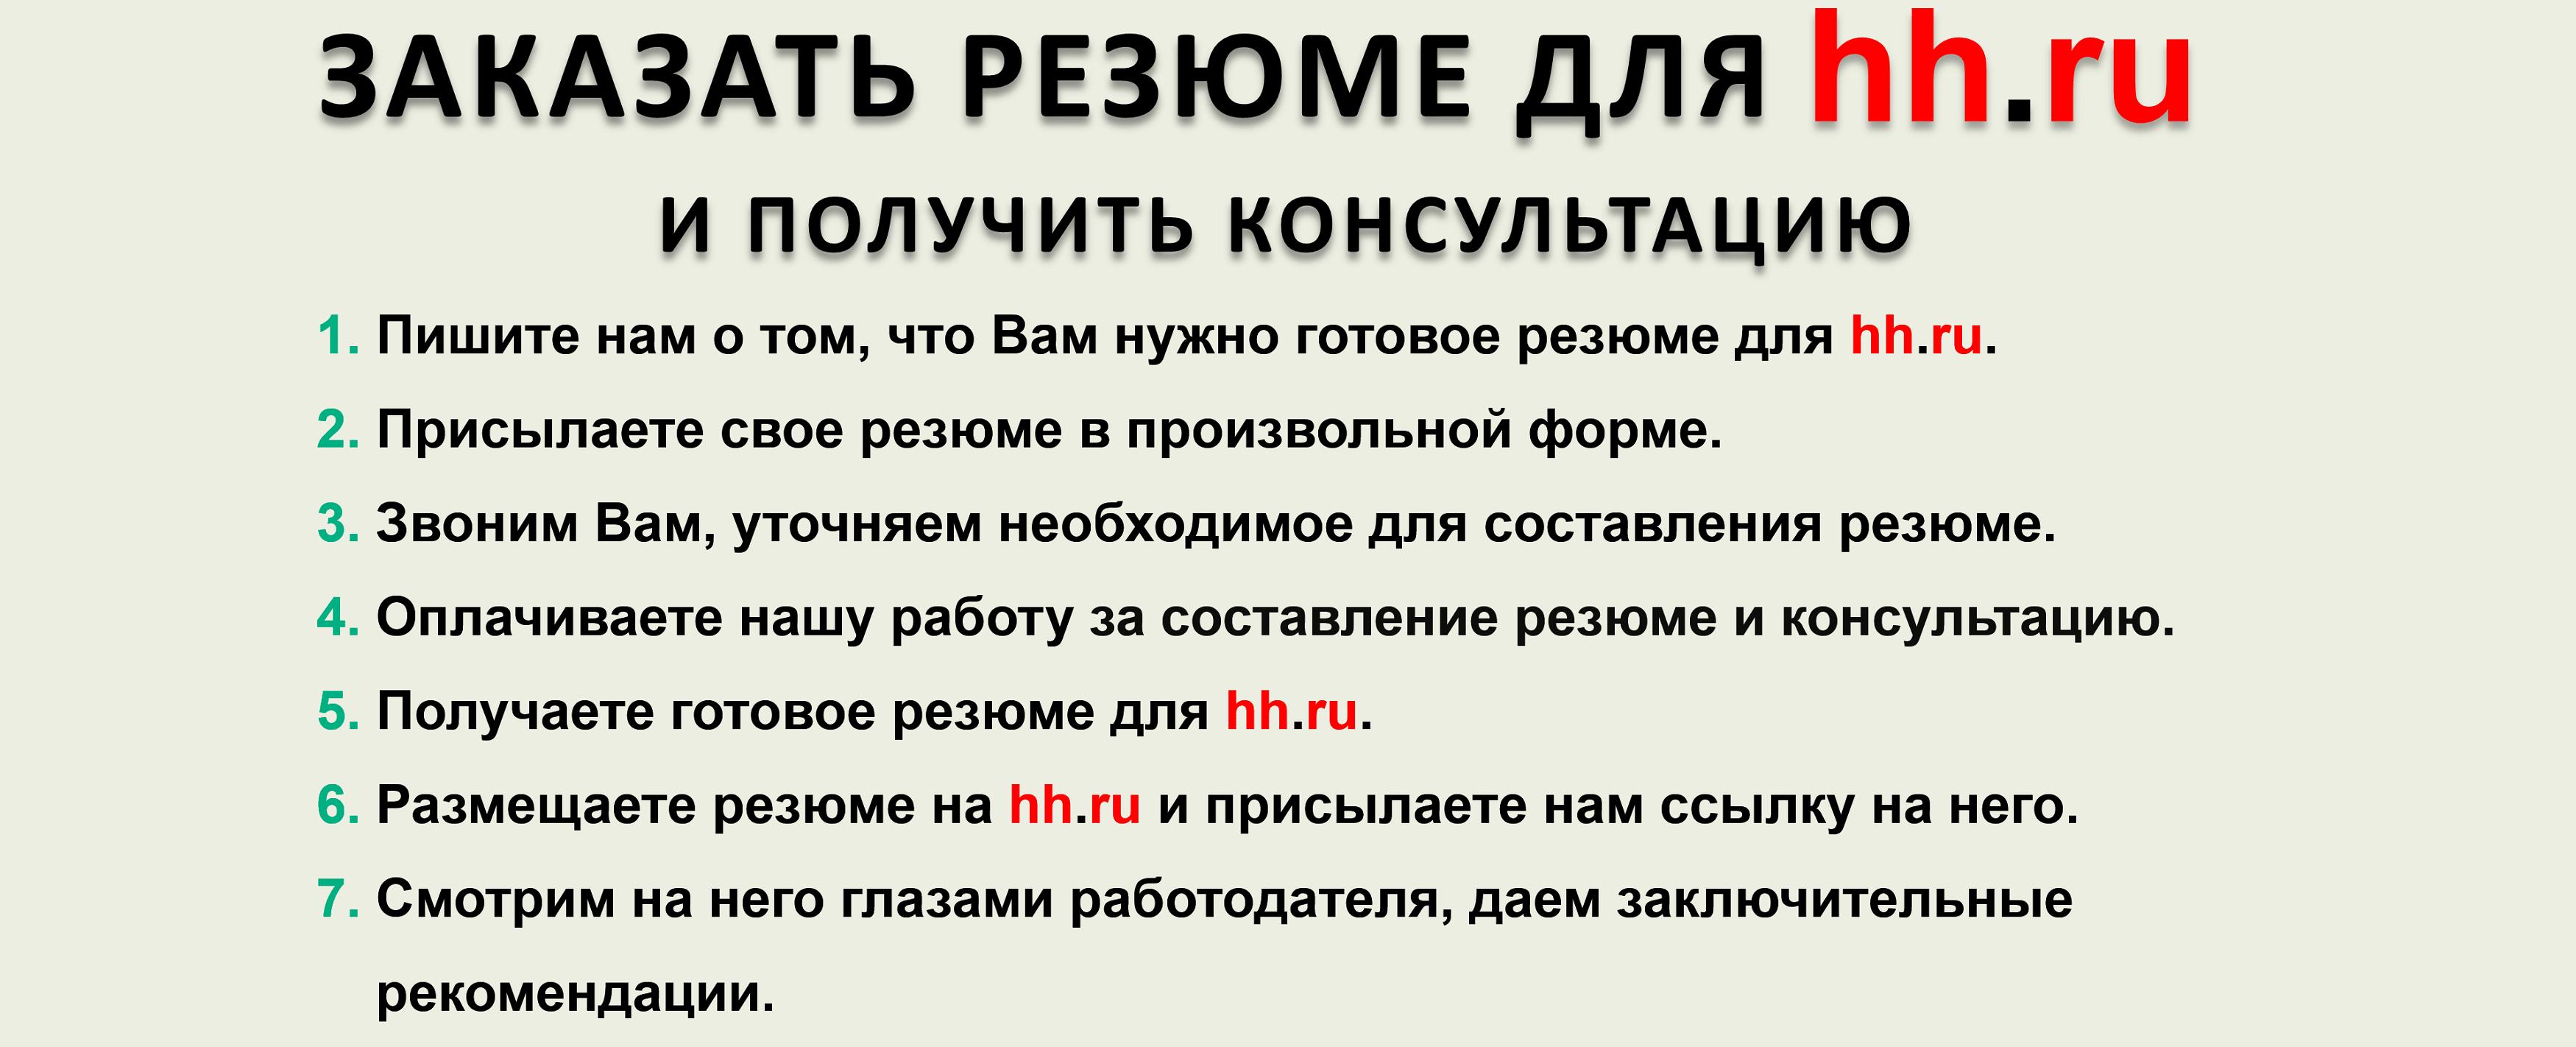 Готовое резюме для hh.ru